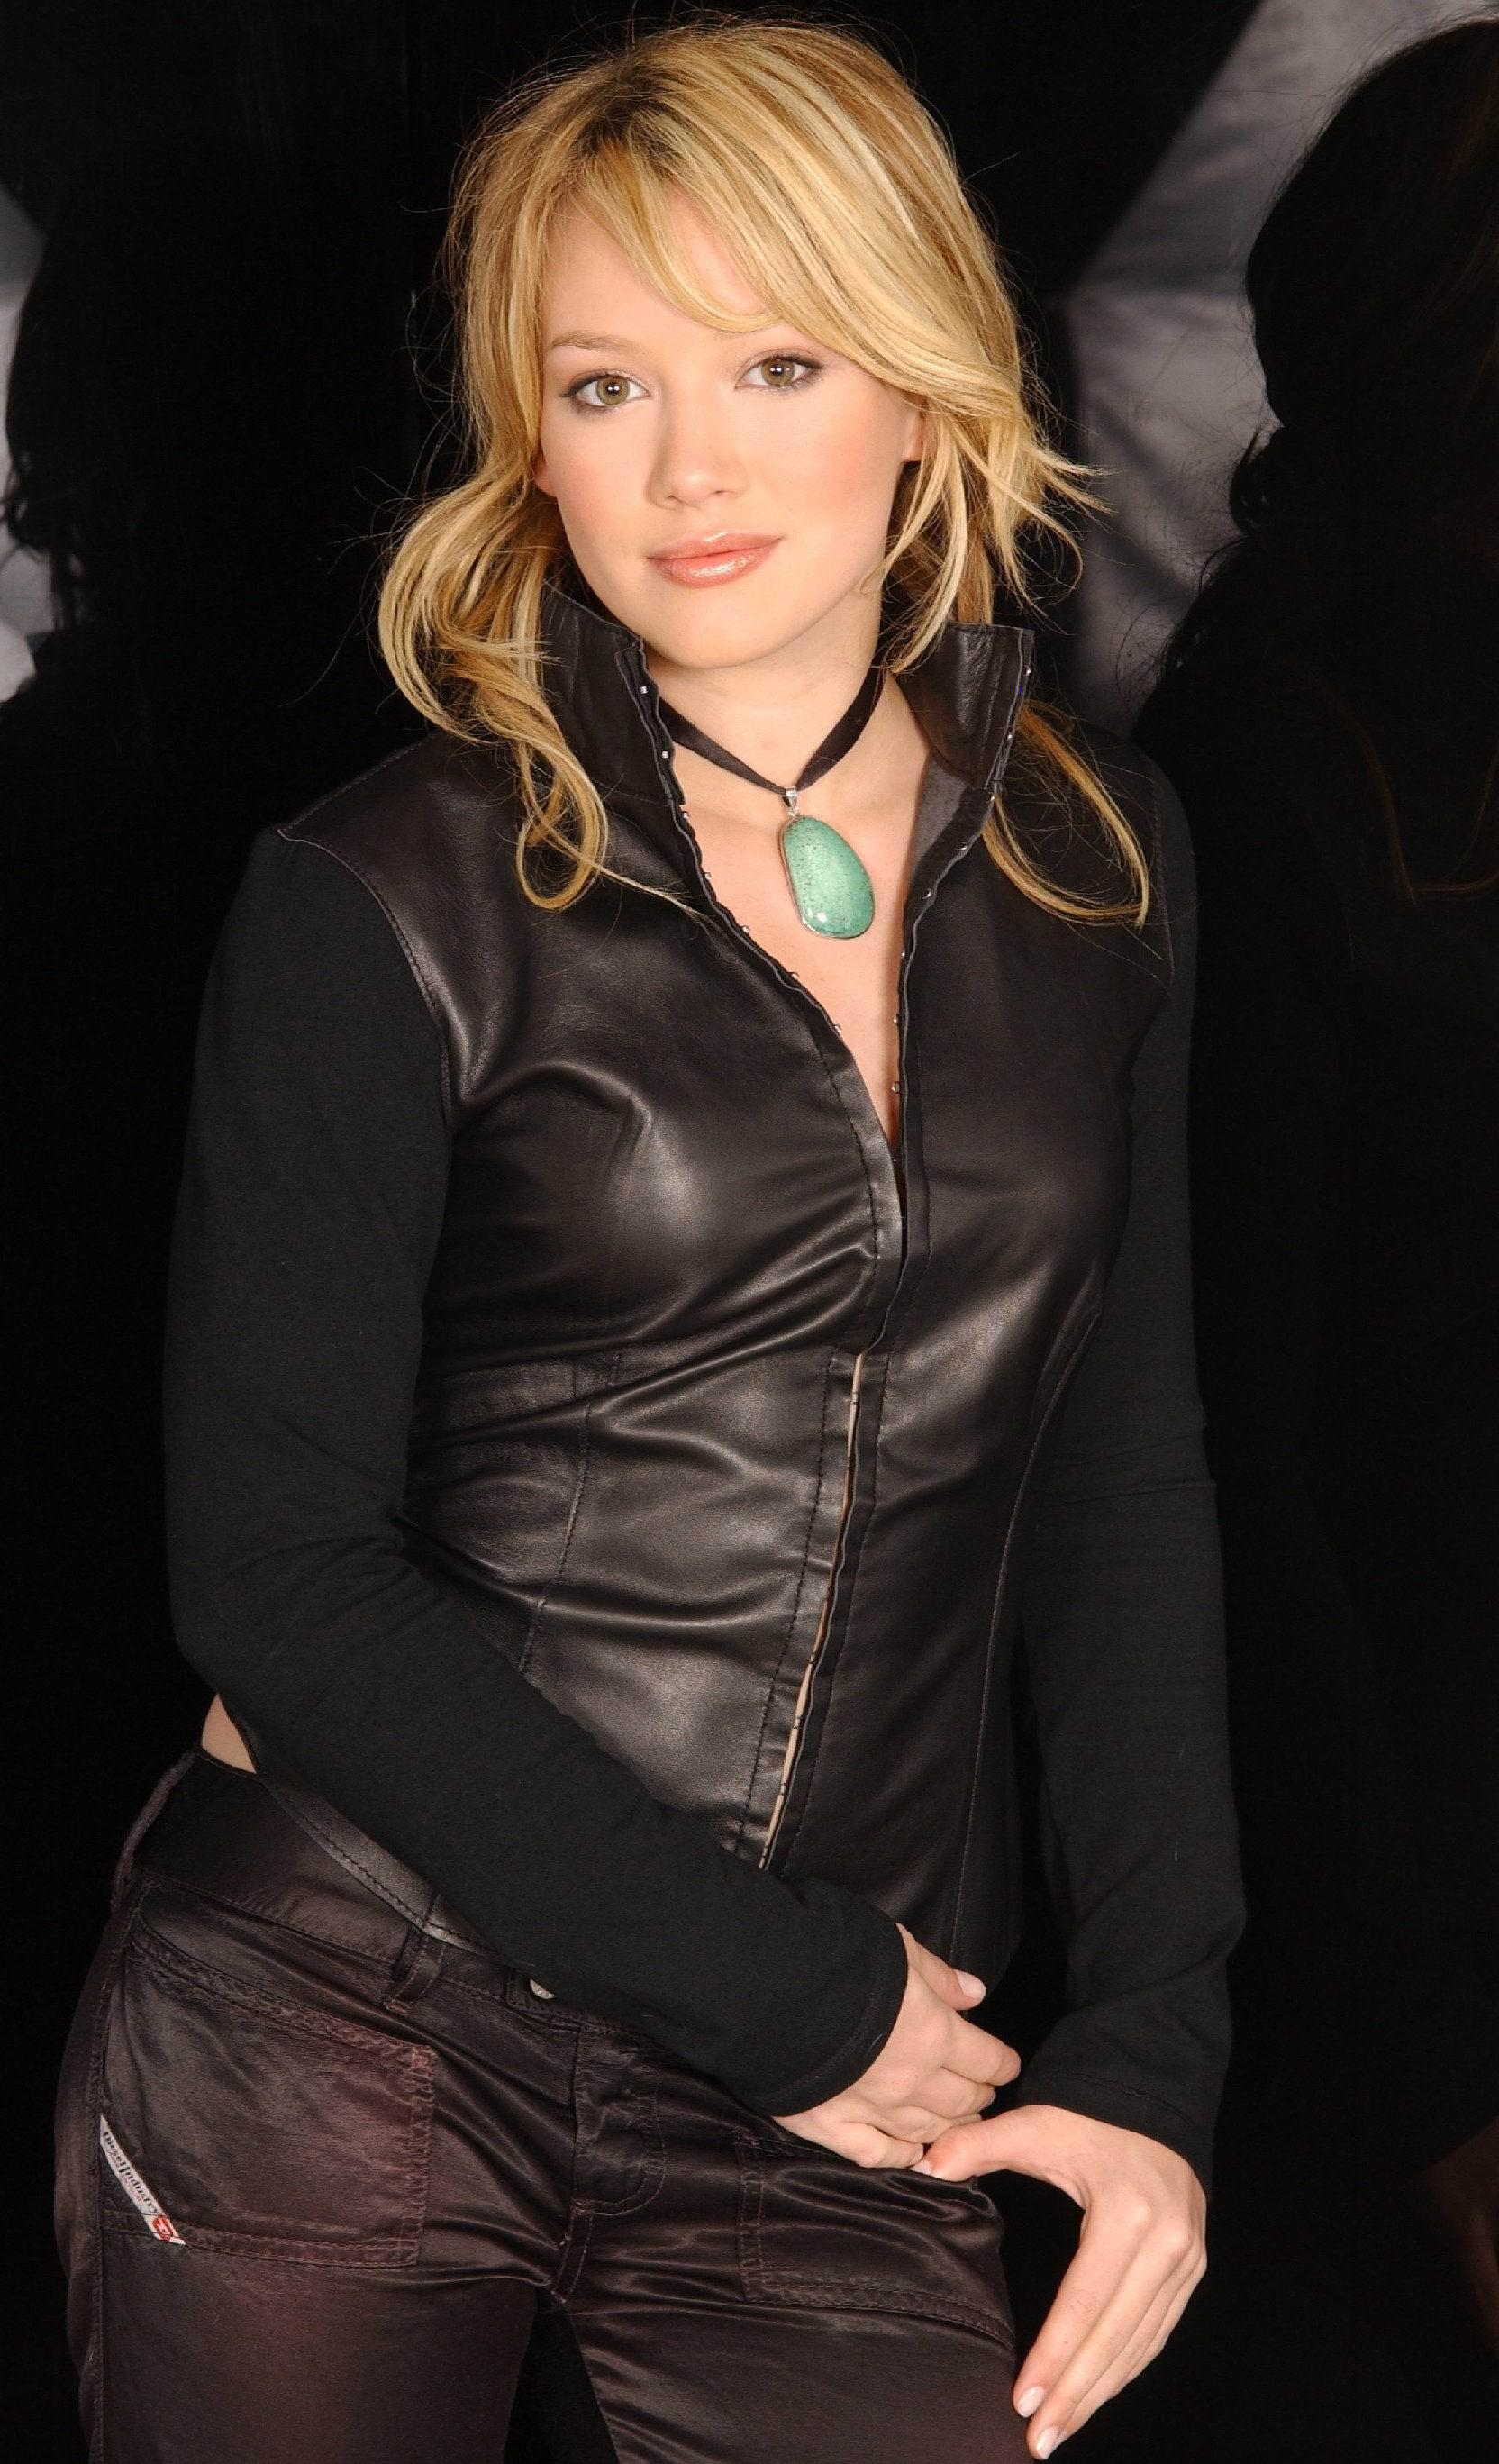 Fotos de Hilary Duff desnuda - Fotos de FamosasTK